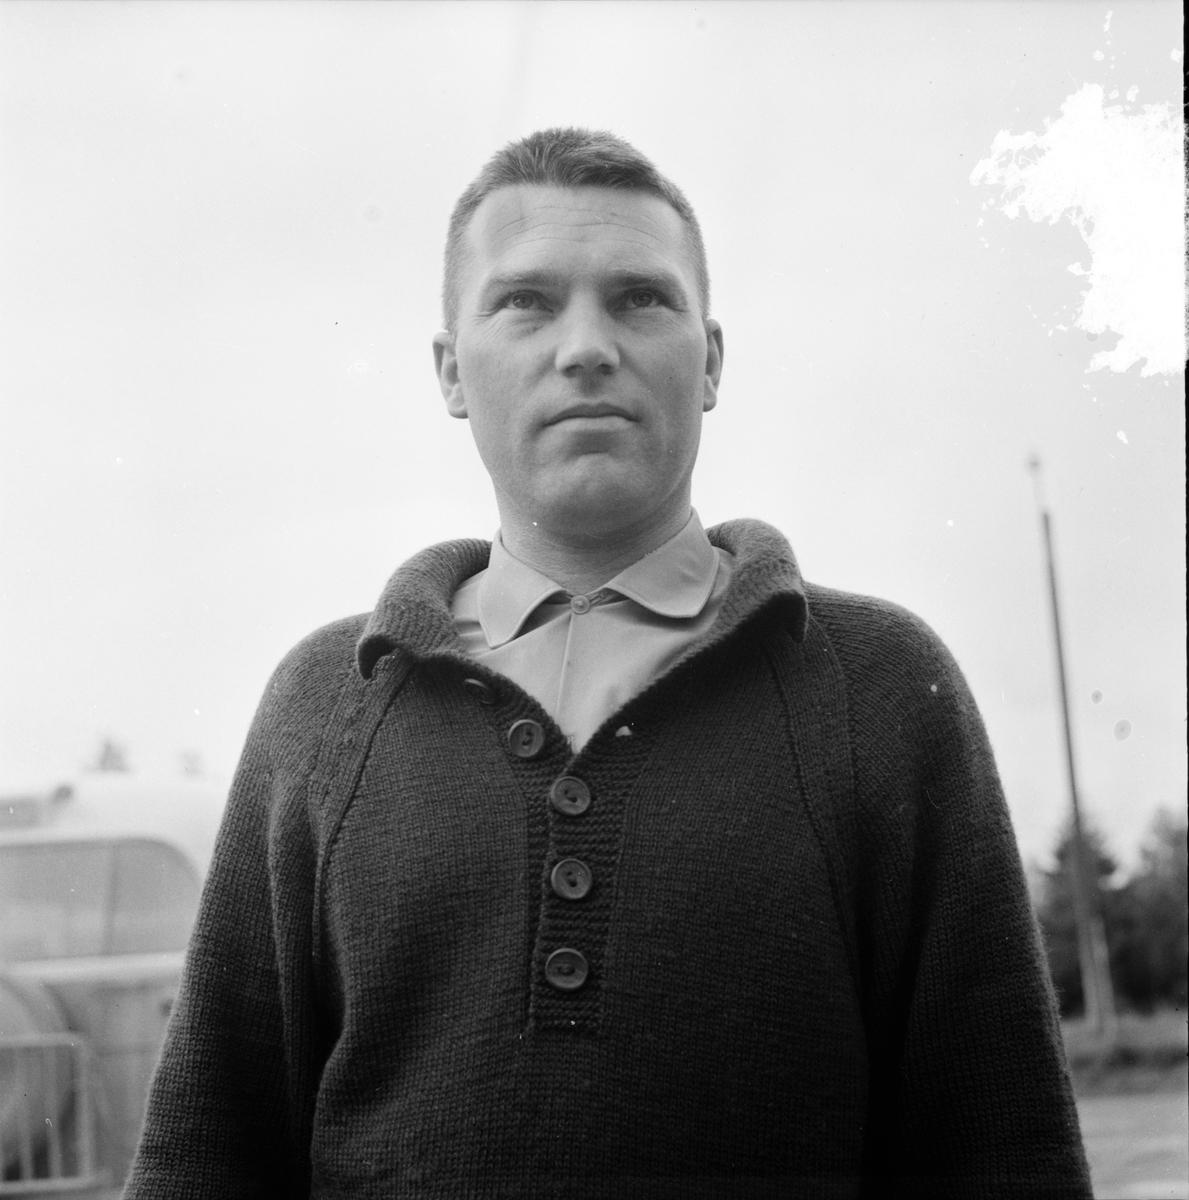 Undersvik, Vägras i Simeå, September 1965